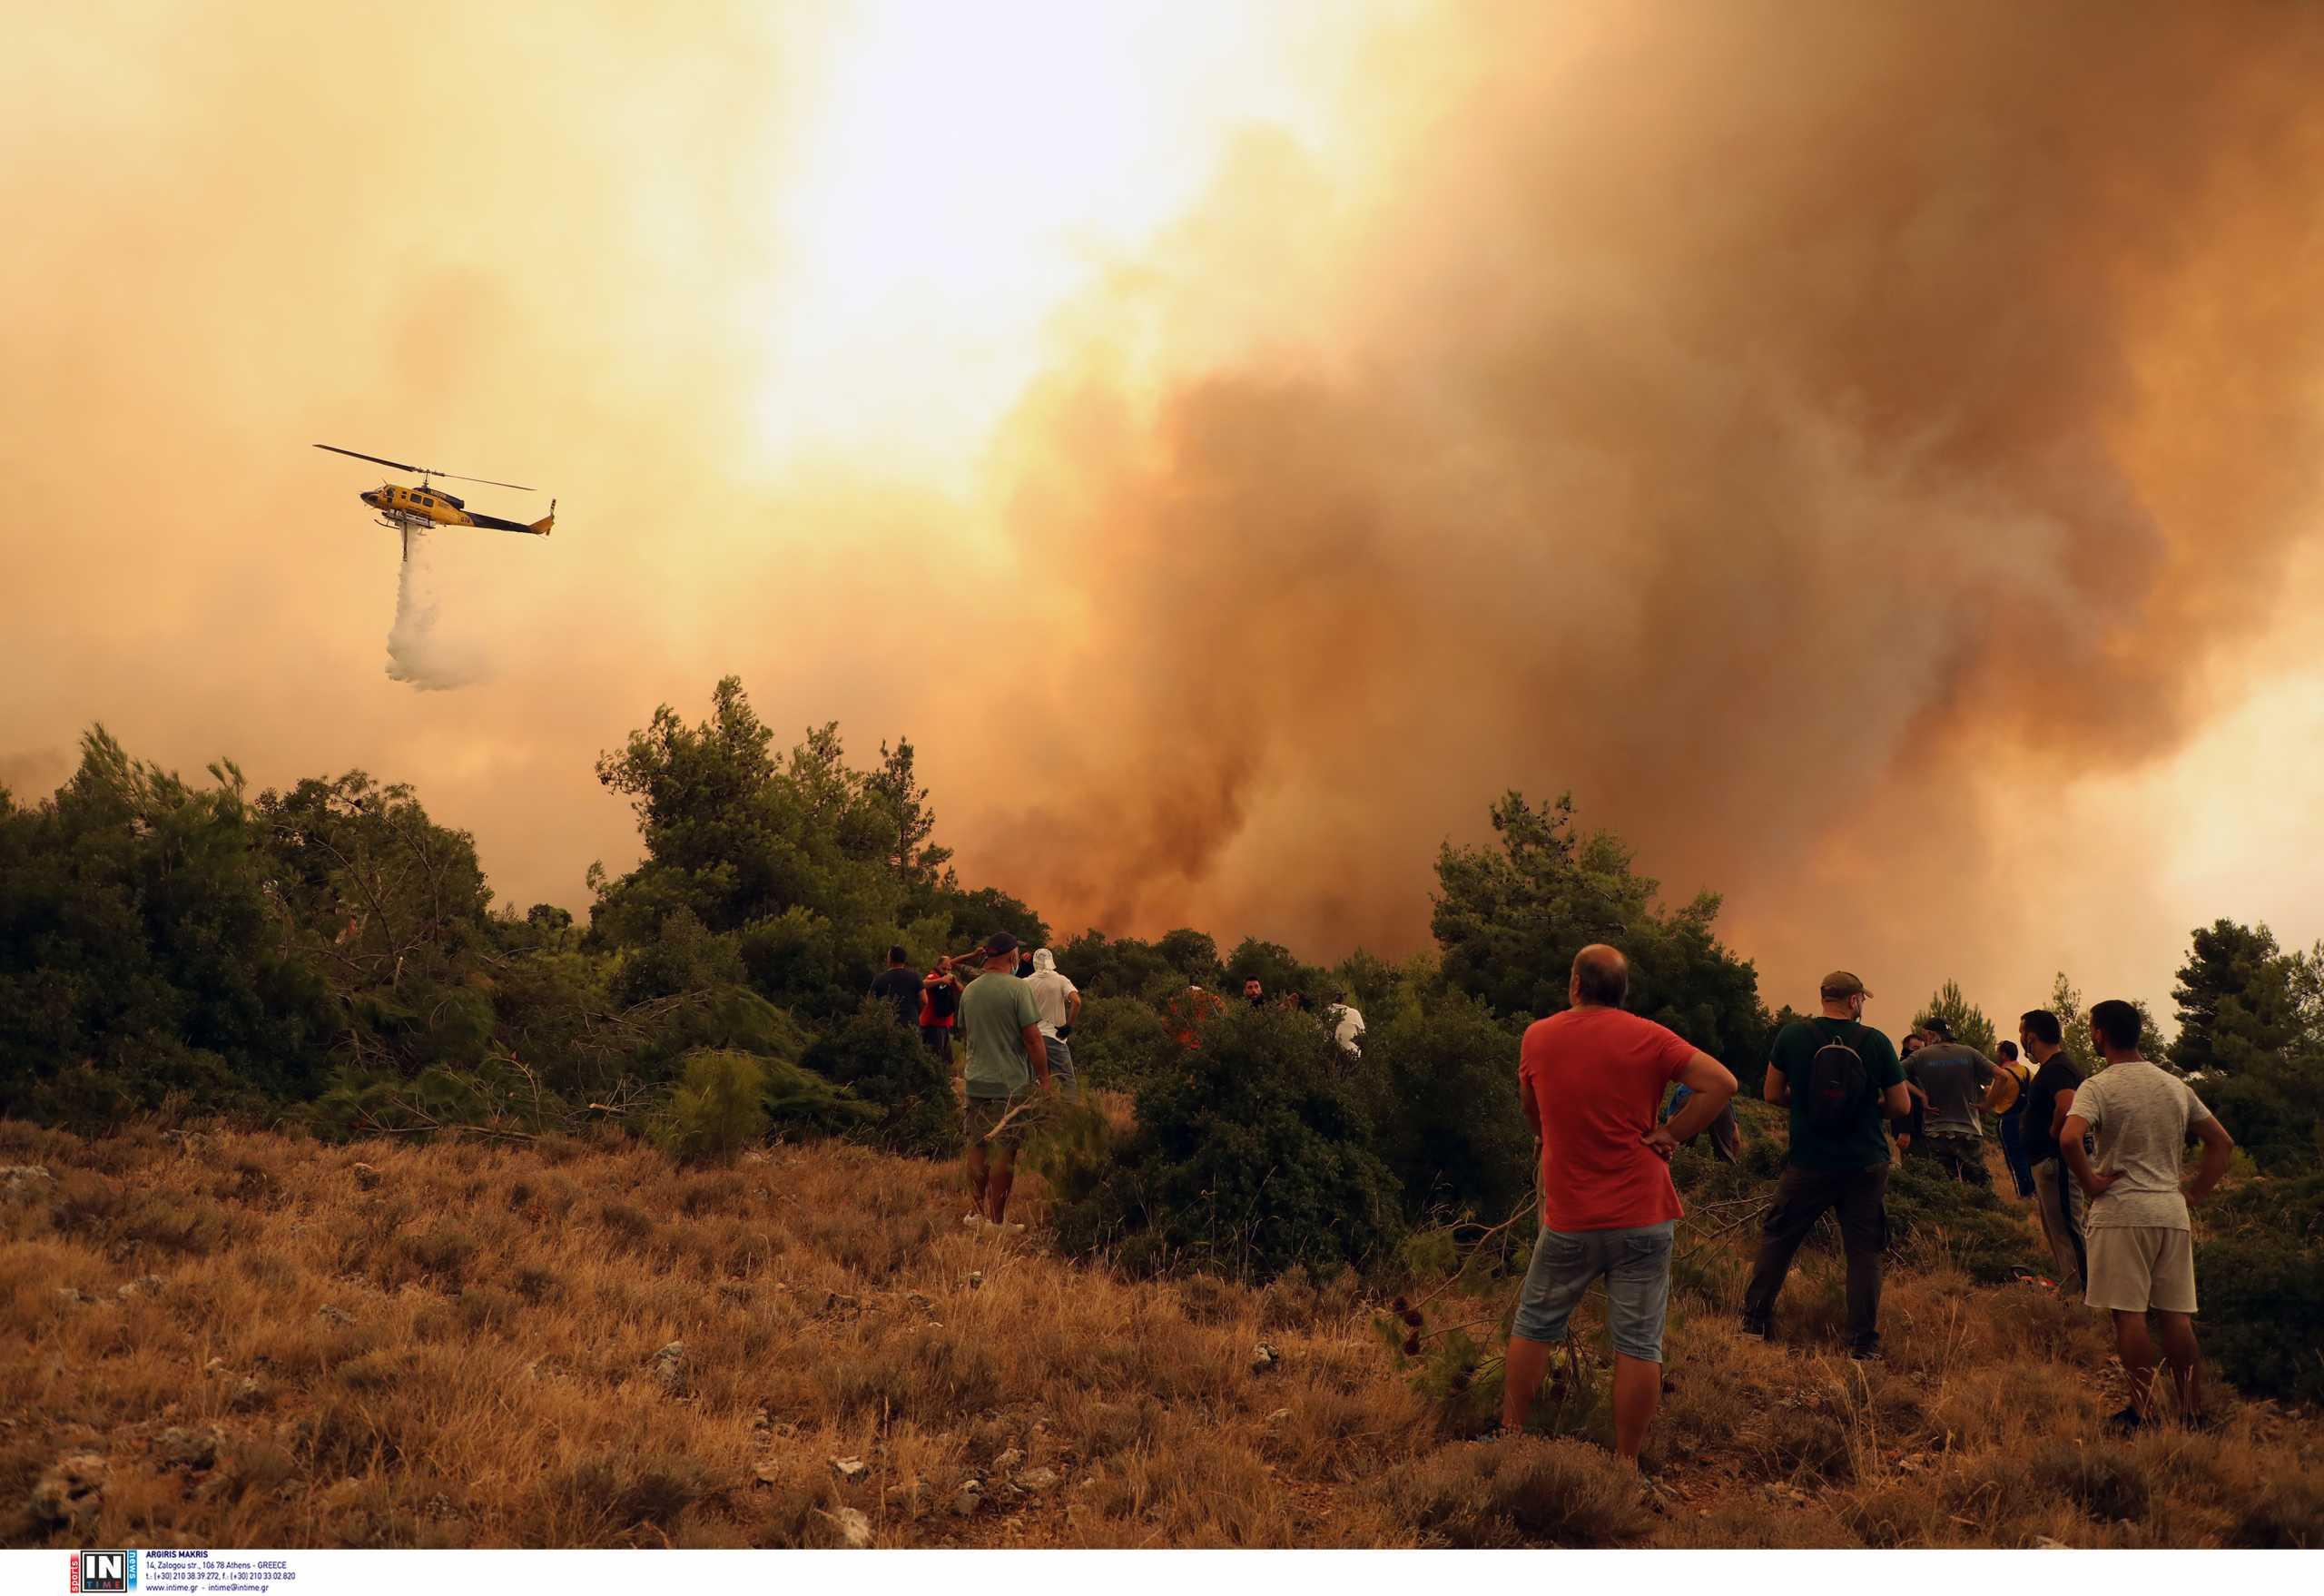 Φωτιά στα Βίλια: Τιτάνιες προσπάθειες να σωθούν τα σπίτια – Η εικόνα της φωτιάς από το διάστημα